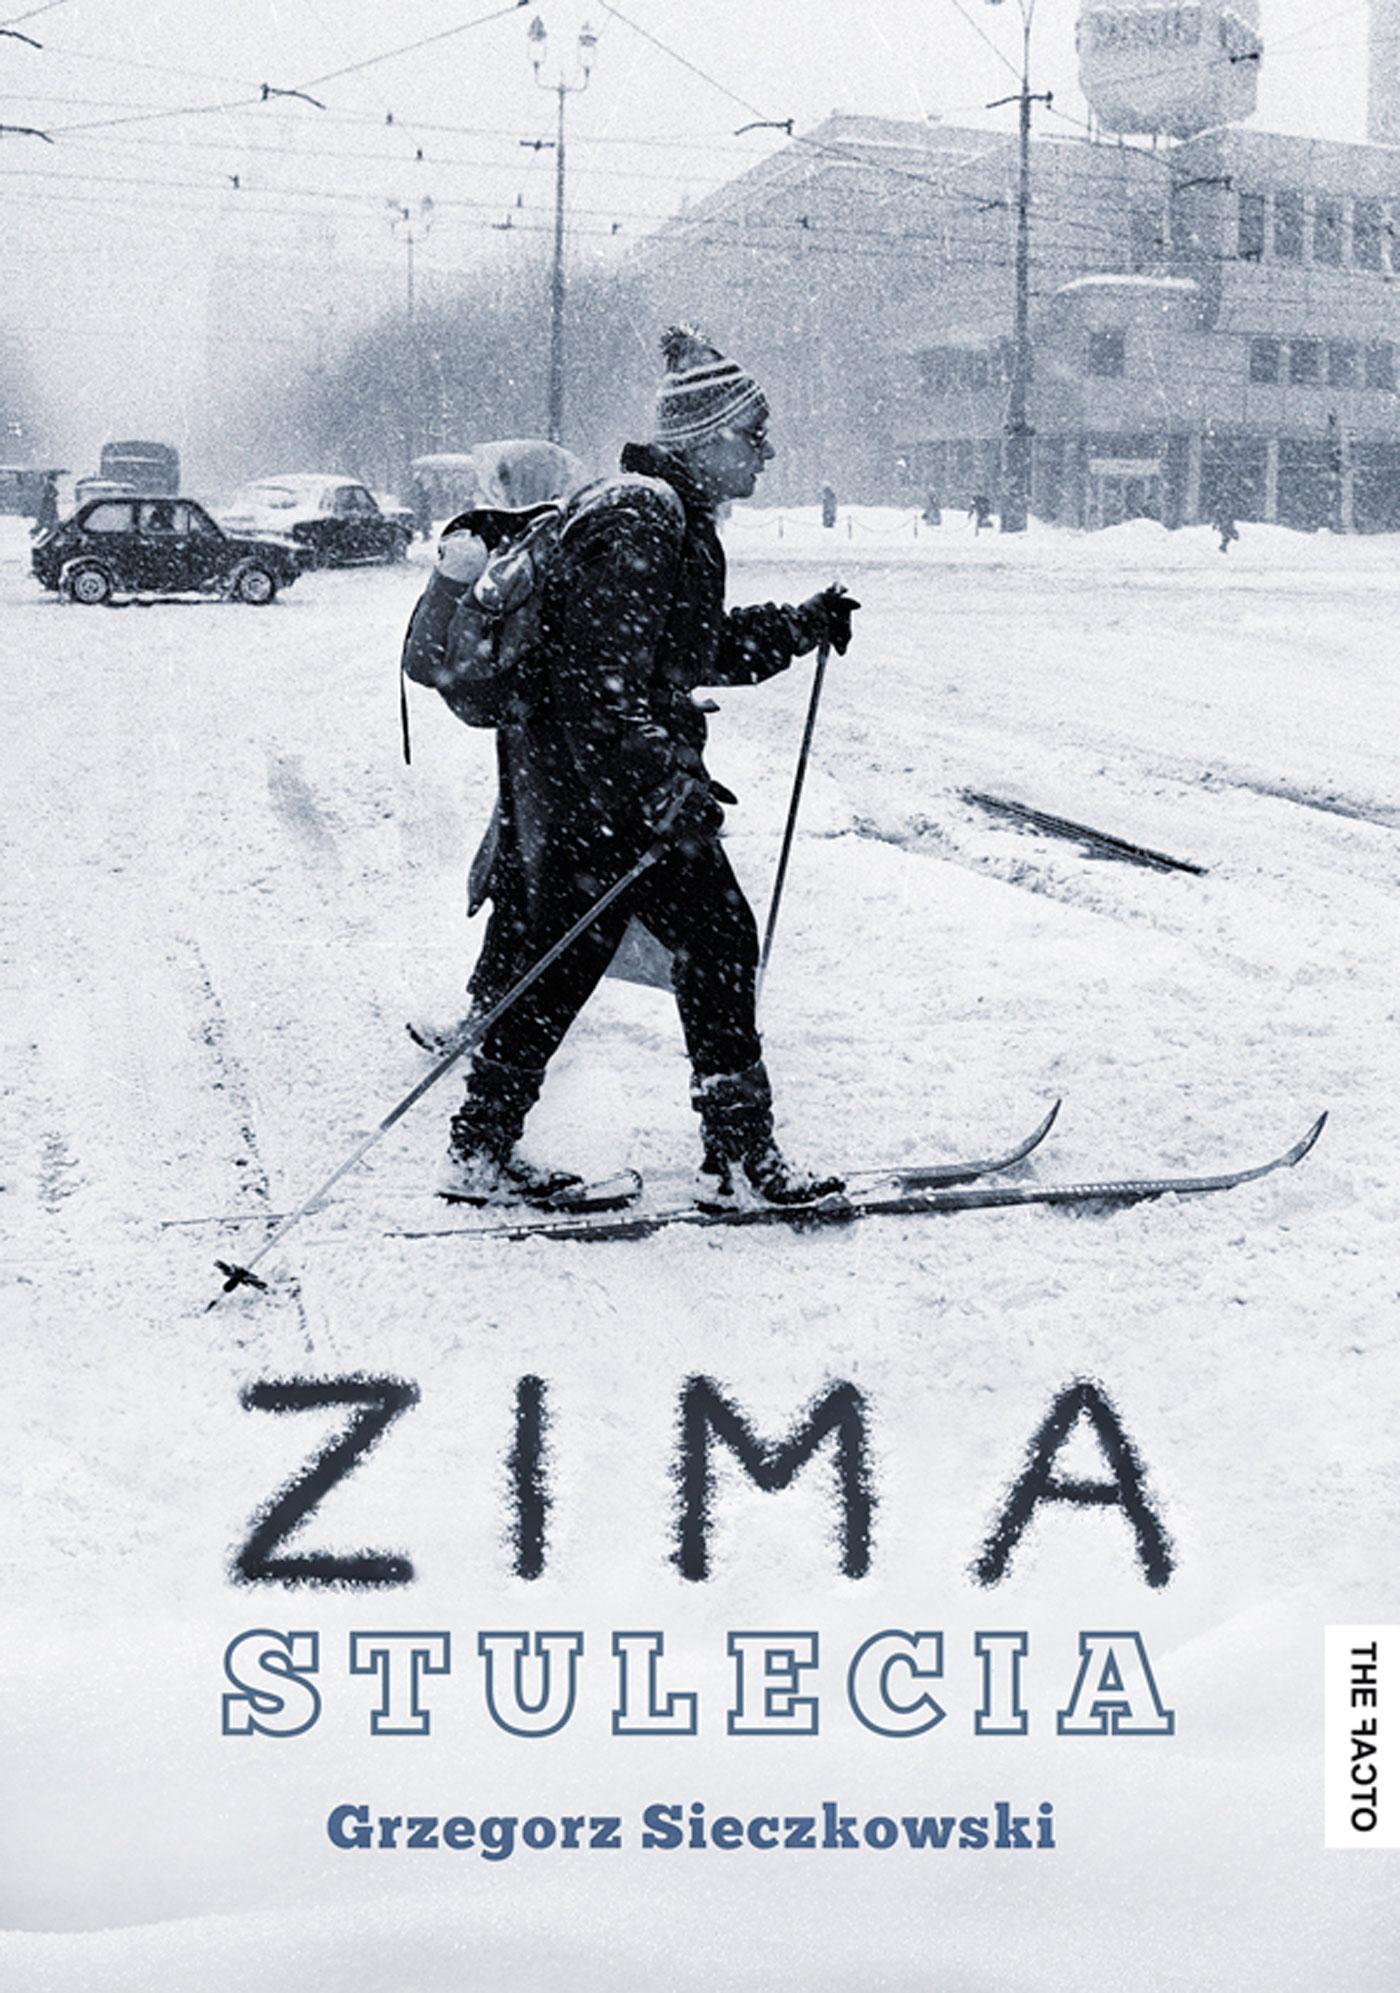 Czy zima stulecia obaliła komunizm?